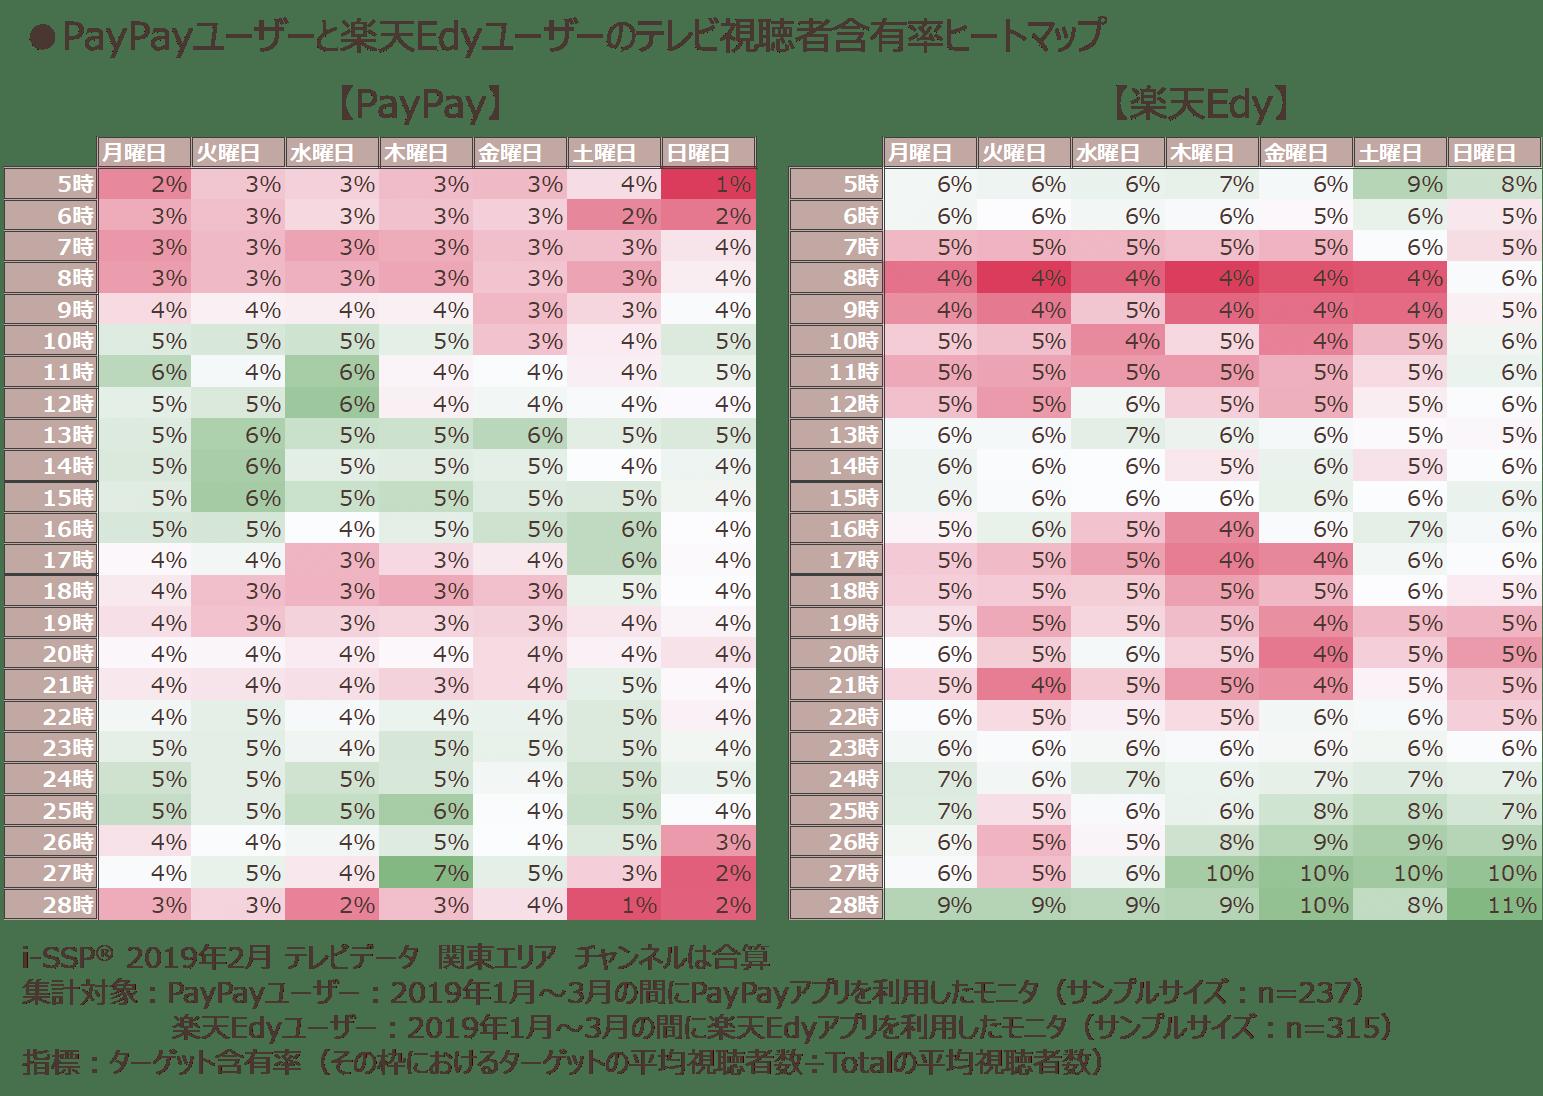 PayPayユーザーと楽天Edyユーザーのテレビ視聴者含有率ヒートマップ